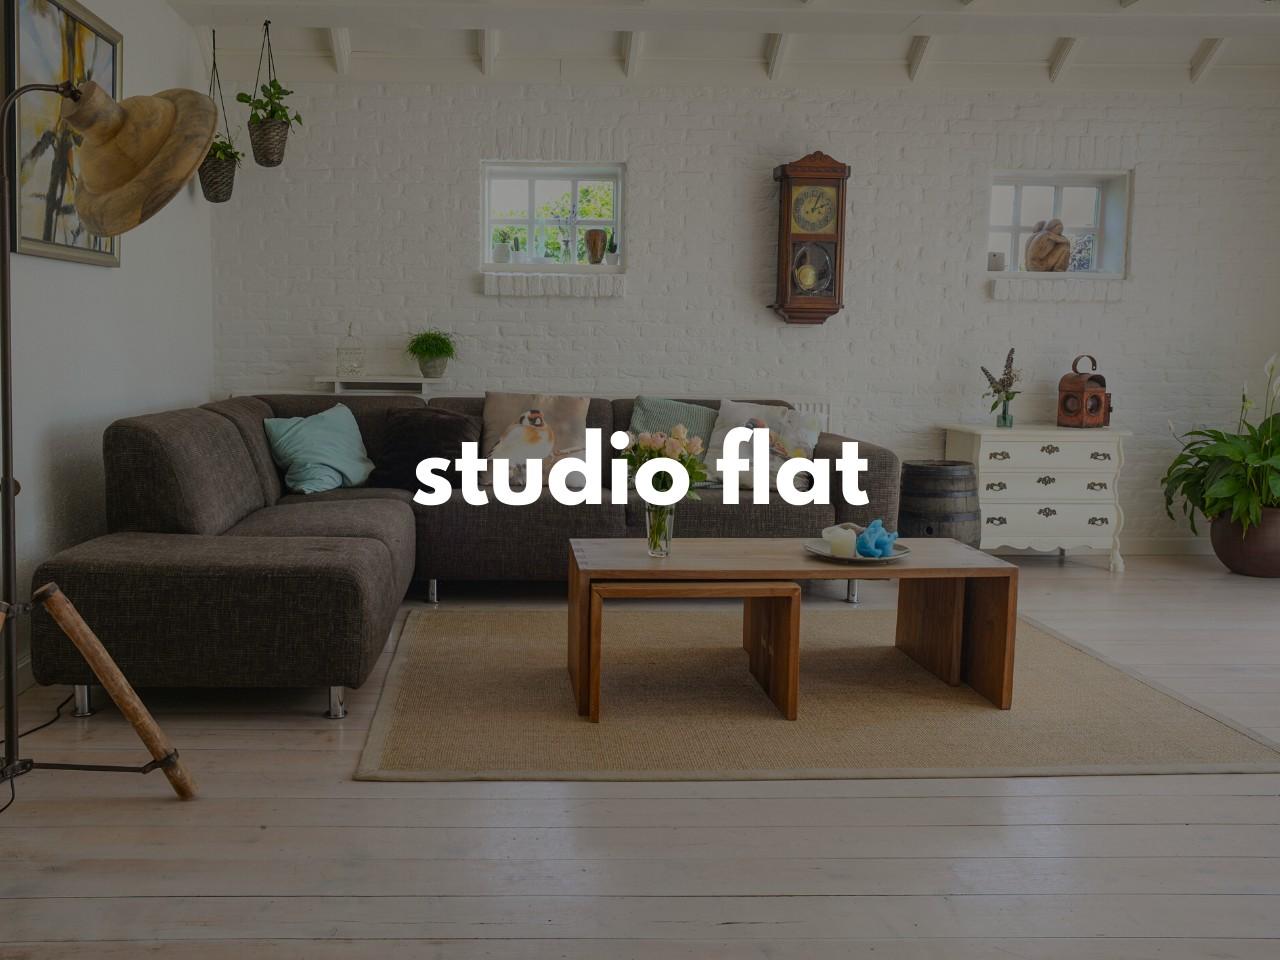 studio flat : ワンルームマンション